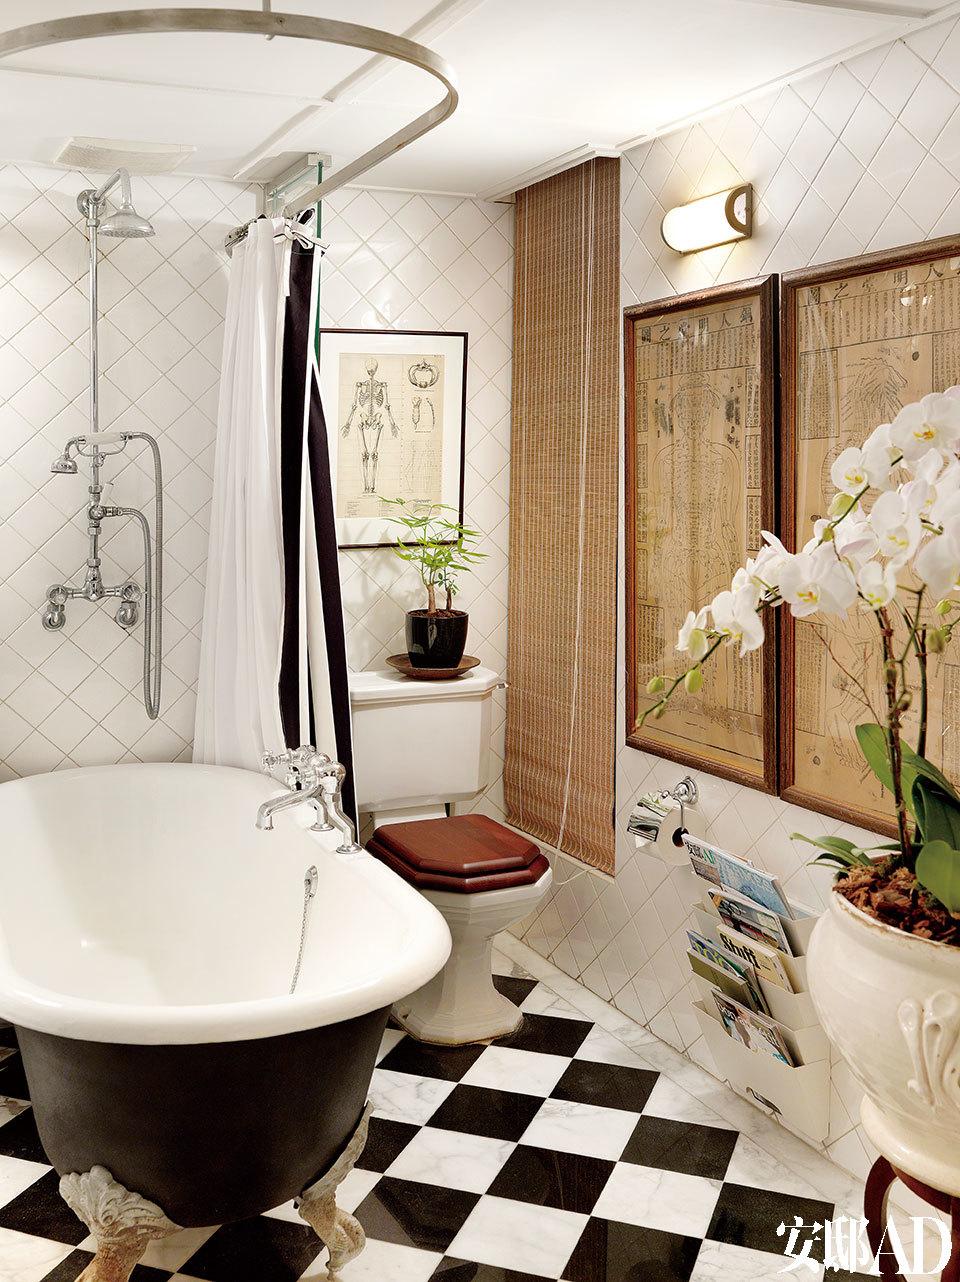 白色浴室为留白之所, 白色瓷砖虽然不时髦,甚至有些平价,却相当耐看。Devon & Devon的四足铸铁浴缸、水龙头为Czech & Speake品牌,马桶为SHS品牌的,它们皆为品牌新品,却充满怀旧味道。墙上的人体针灸图出自《铜人明堂之图》,购自一次国内的拍卖会。